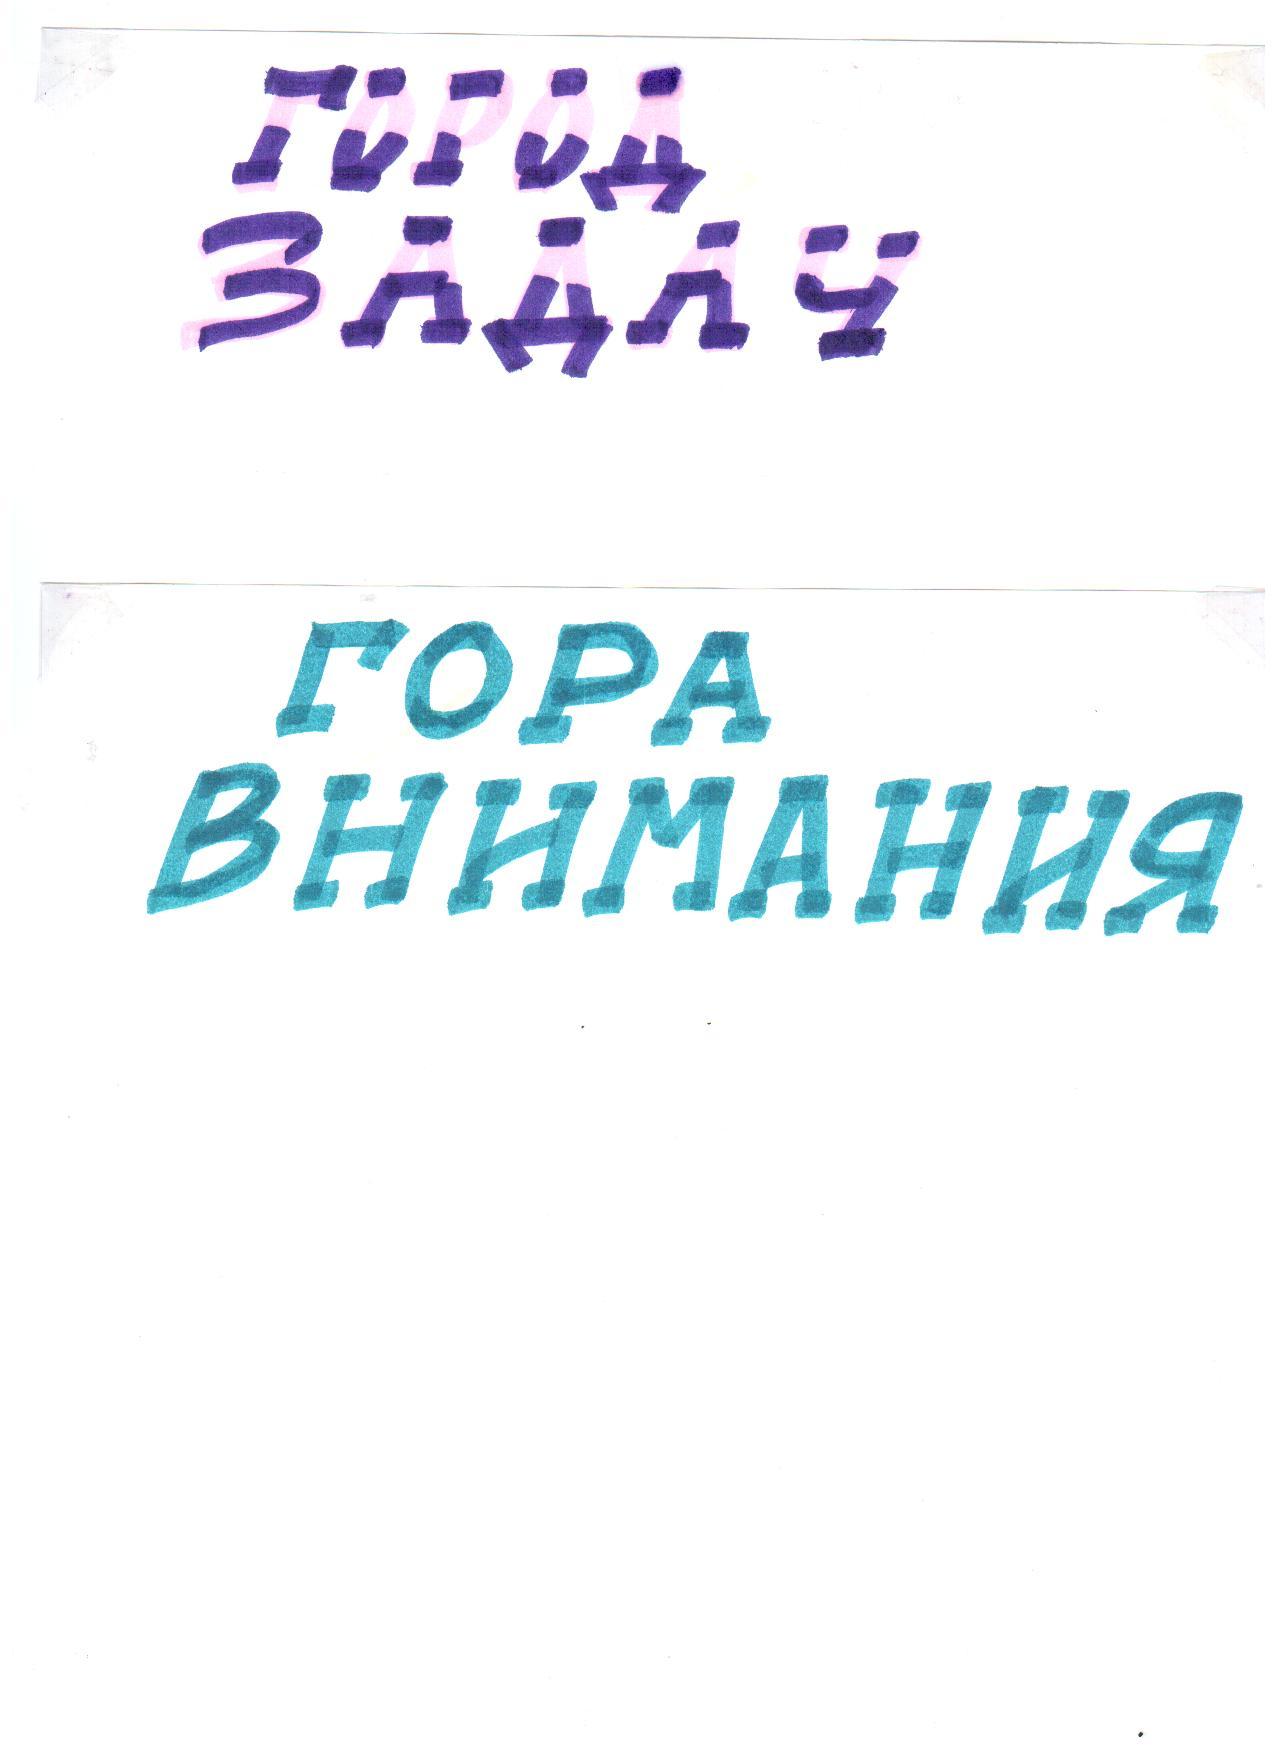 C:\Documents and Settings\Admin\Мои документы\Мои рисунки\Изображение\Изображение 062.jpg